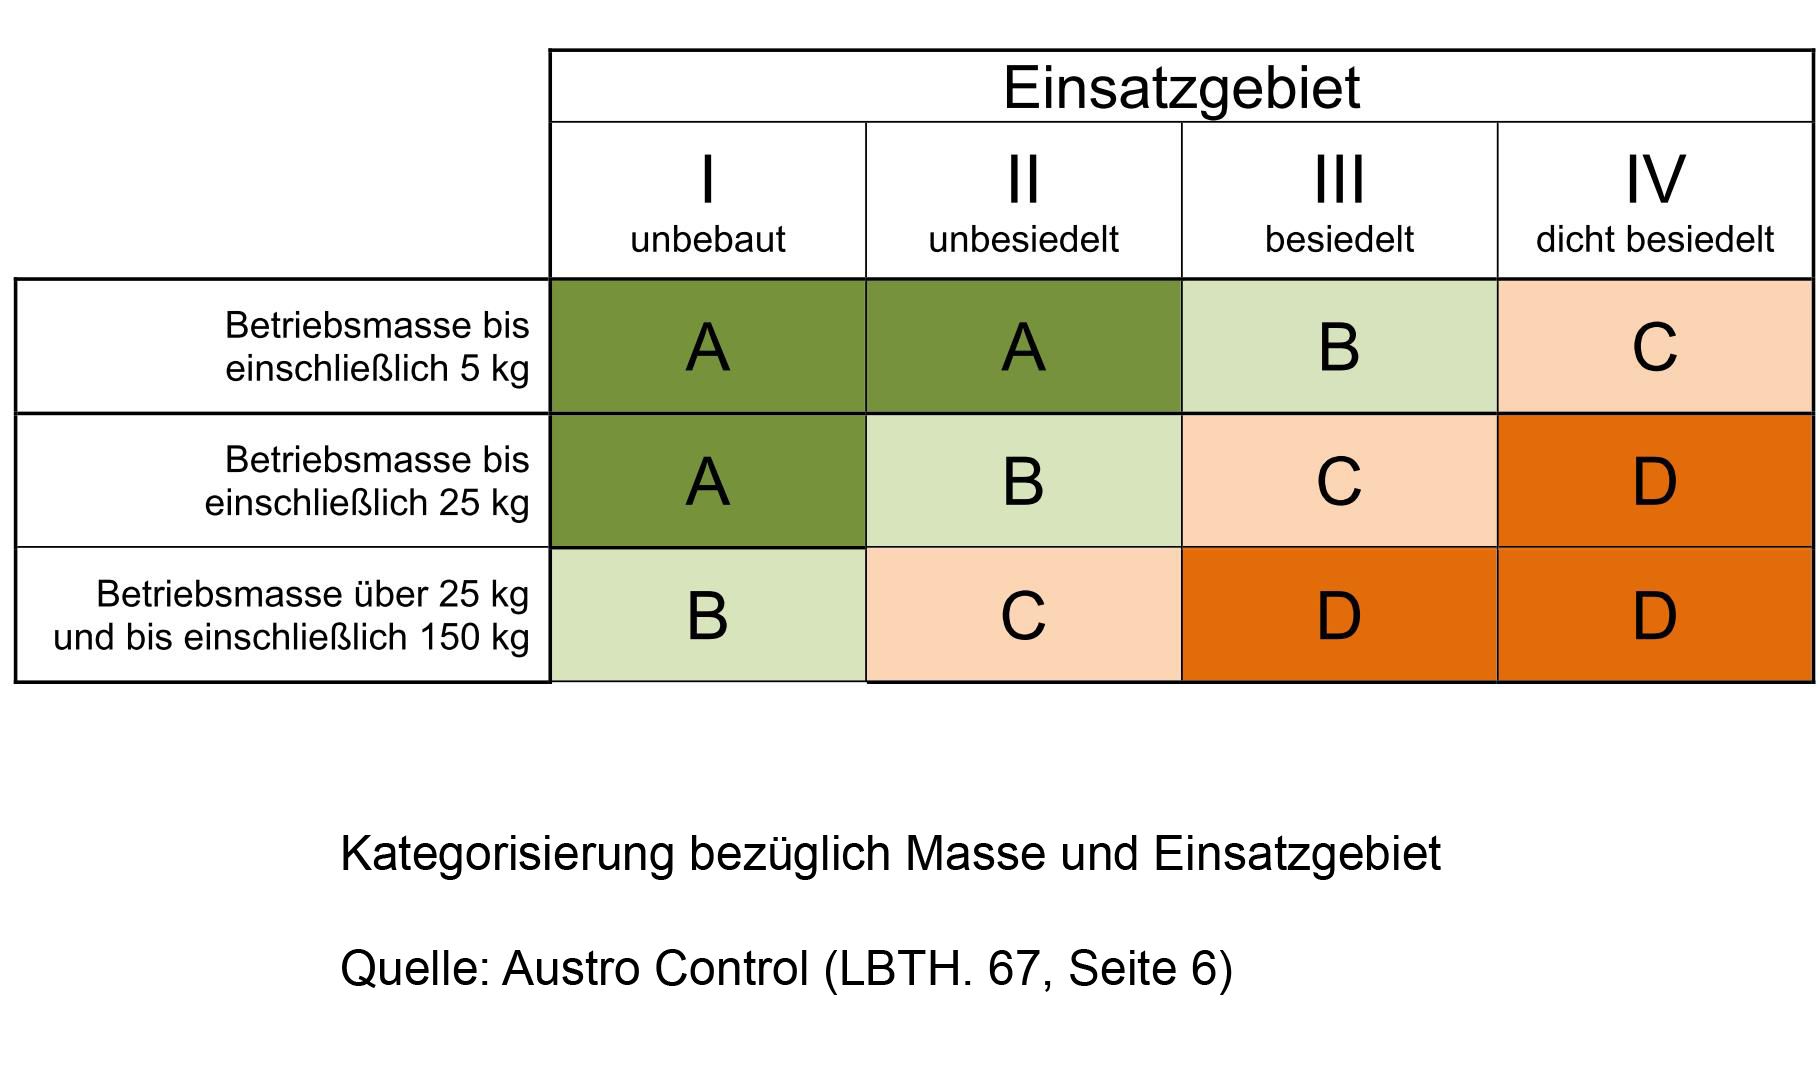 Criterais for License in Austria